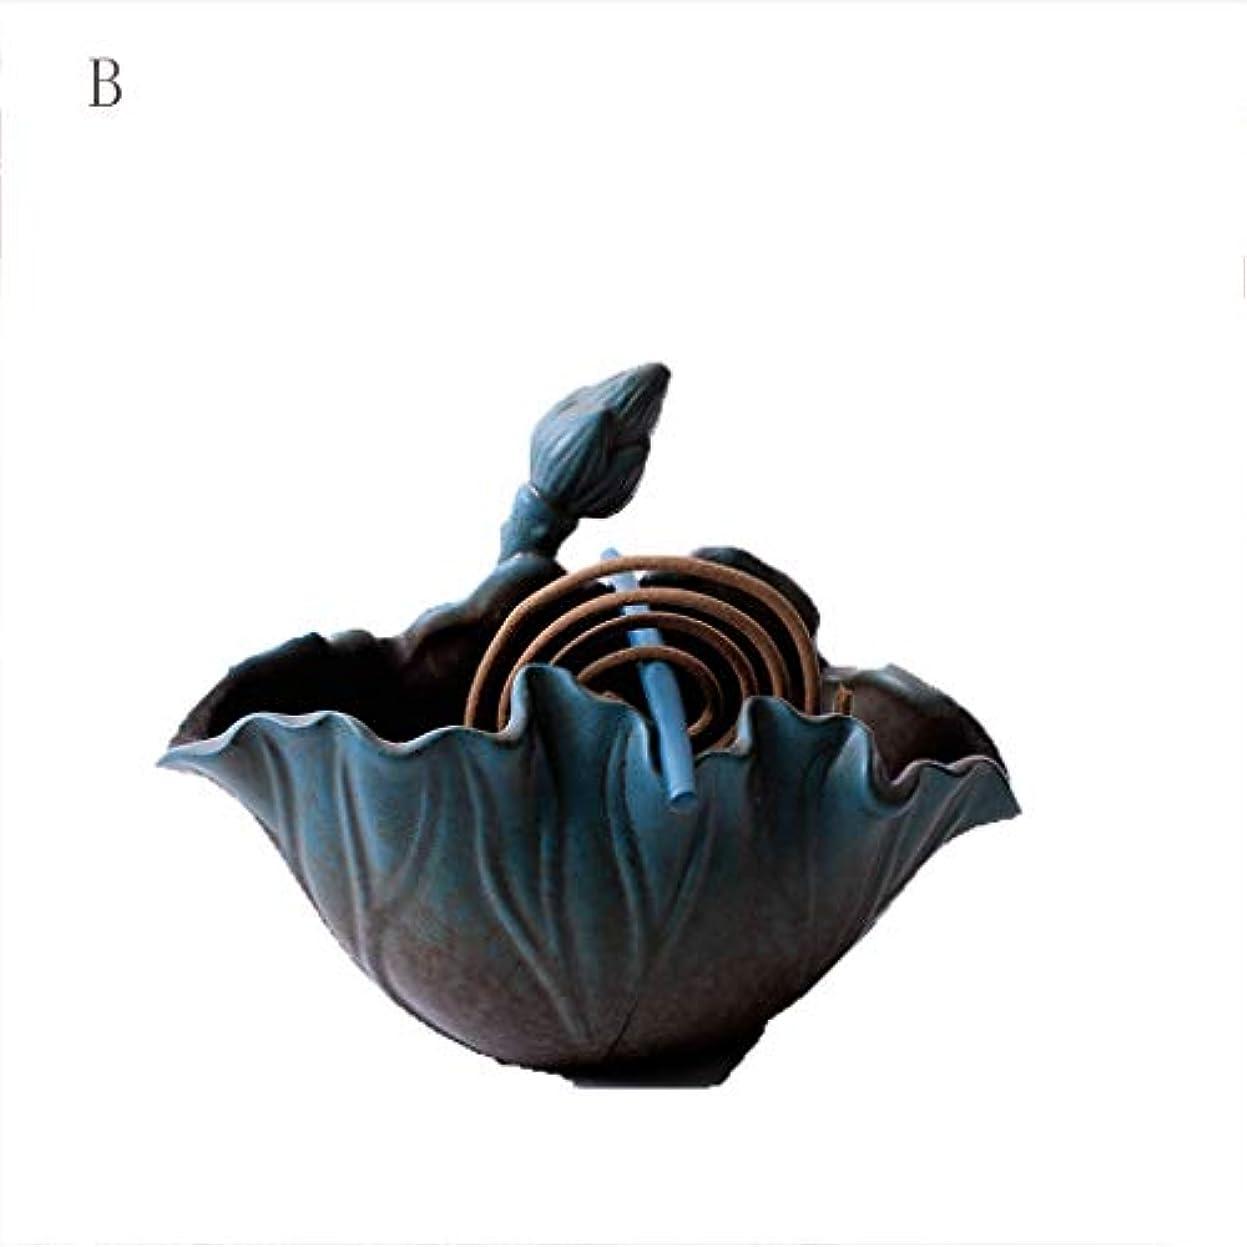 決して奇跡的な邪魔するホームアロマバーナー クリエイティブお香バーナーロータス香インサートセラミック皿白檀炉蚊香バーナー茶道 アロマバーナー (サイズ : B)